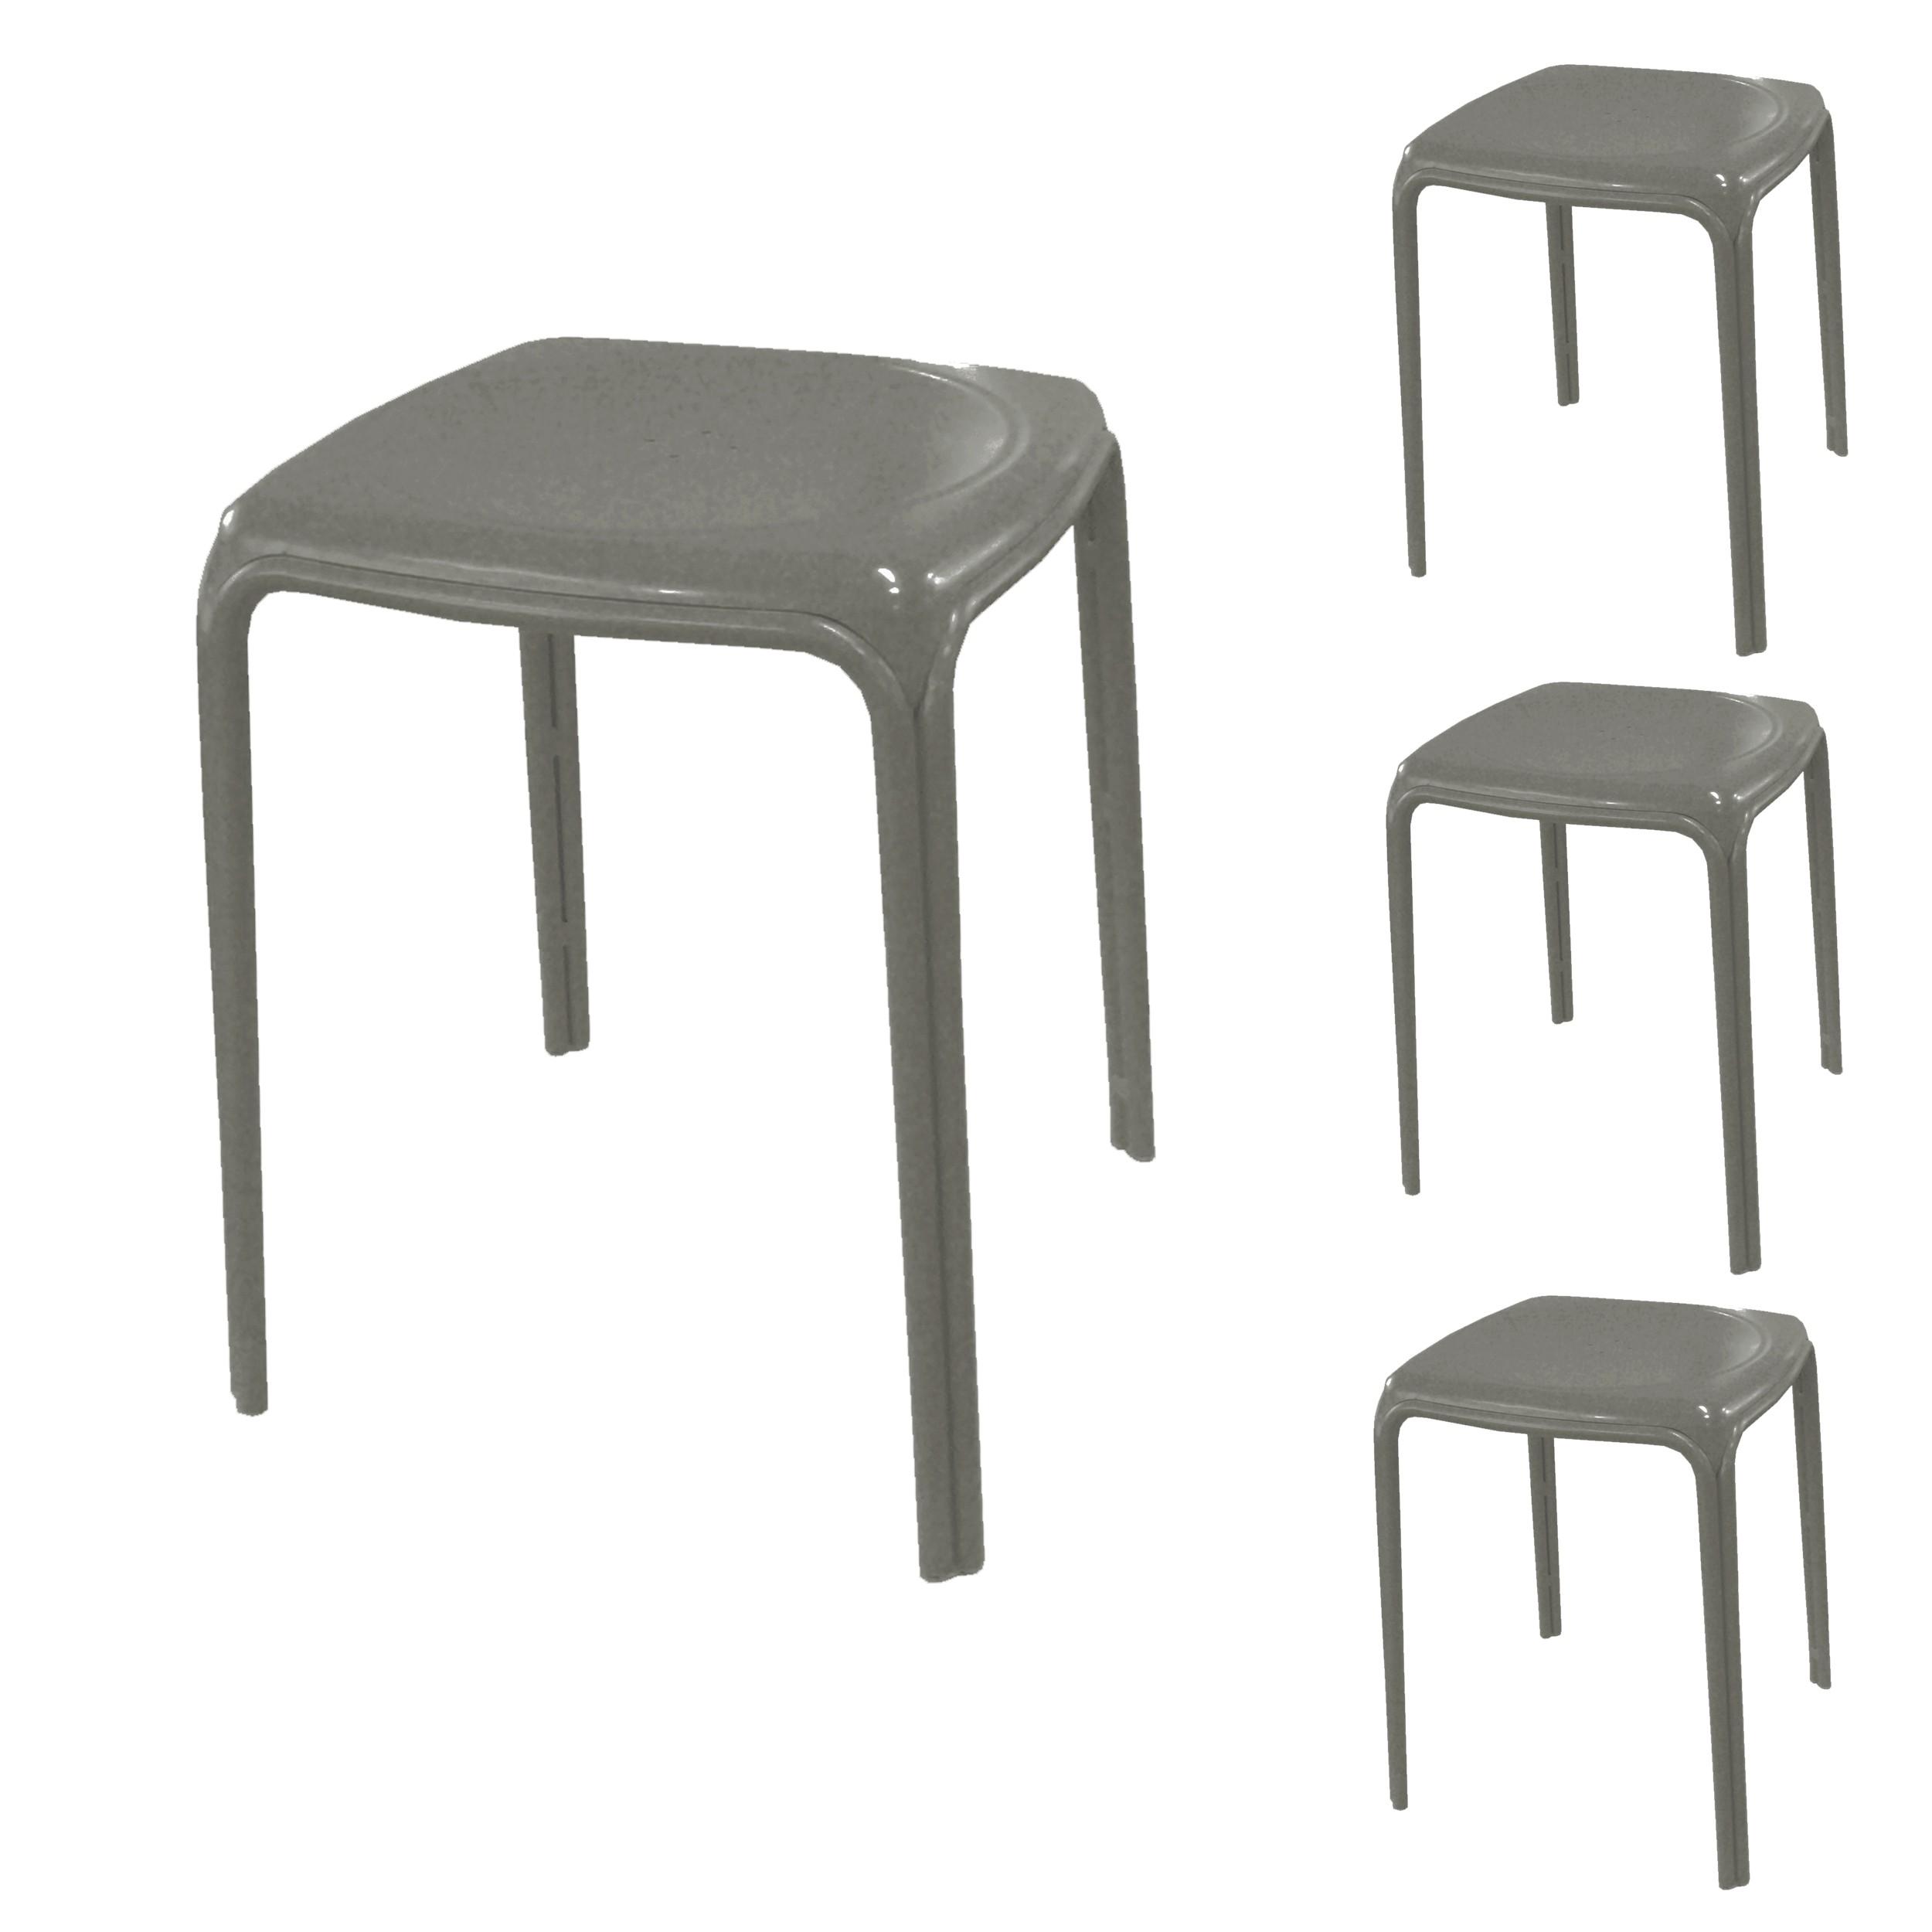 Tabouret de jardin azuro taupe lot de 4 d couvrez nos for Lot 4 chaises taupe